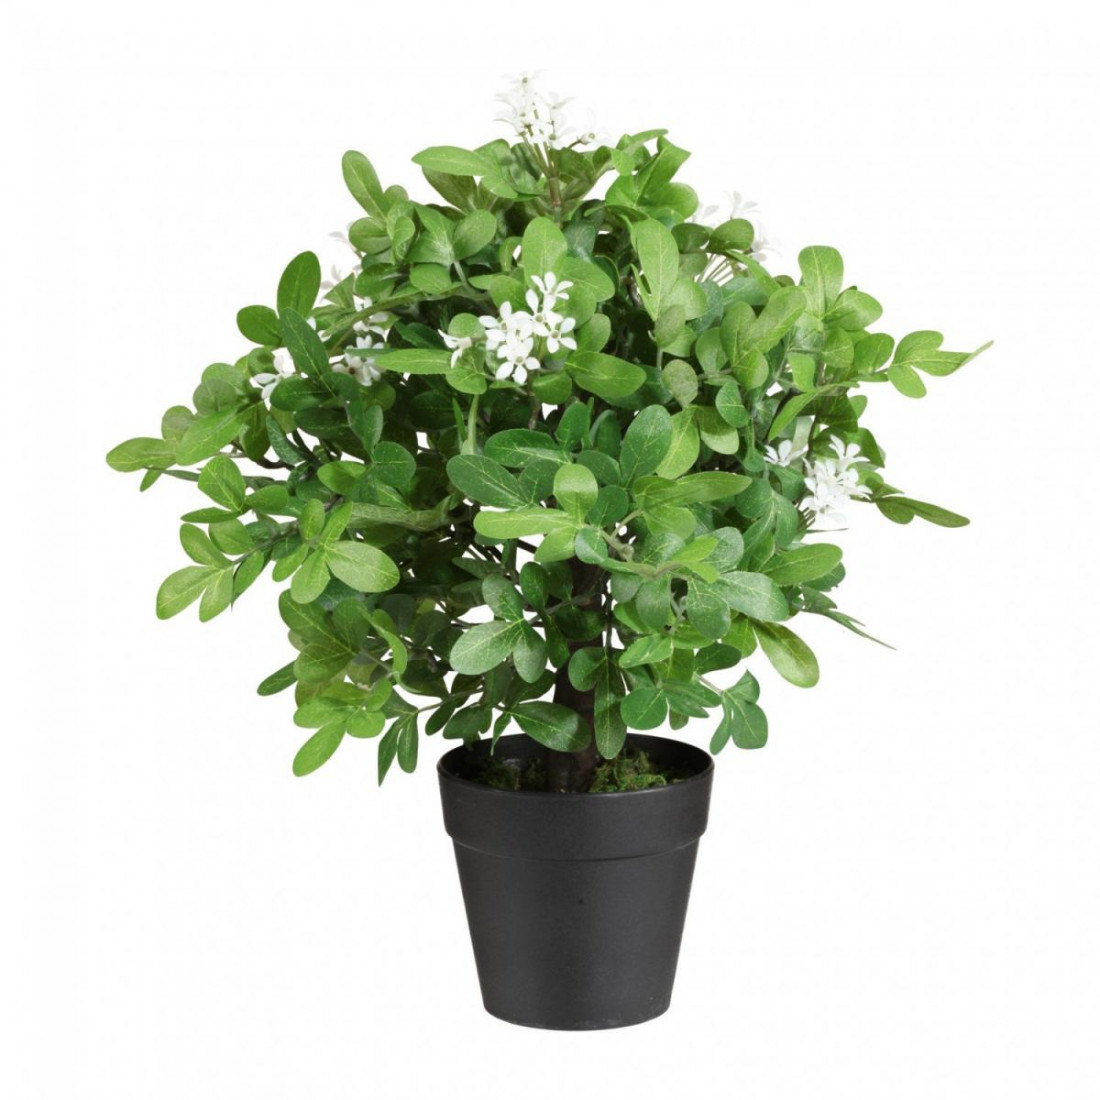 Orangenraute Jasmin Kugelbaum Kunstpflanze Kunst Pflanze Deko Dekopflanze Topfpflanze Zimmerpflanze Blattpflanze Grünpflanze Kunstblume Blume künstlich unecht Topf grün 45 cm getopft 334272-50 F82